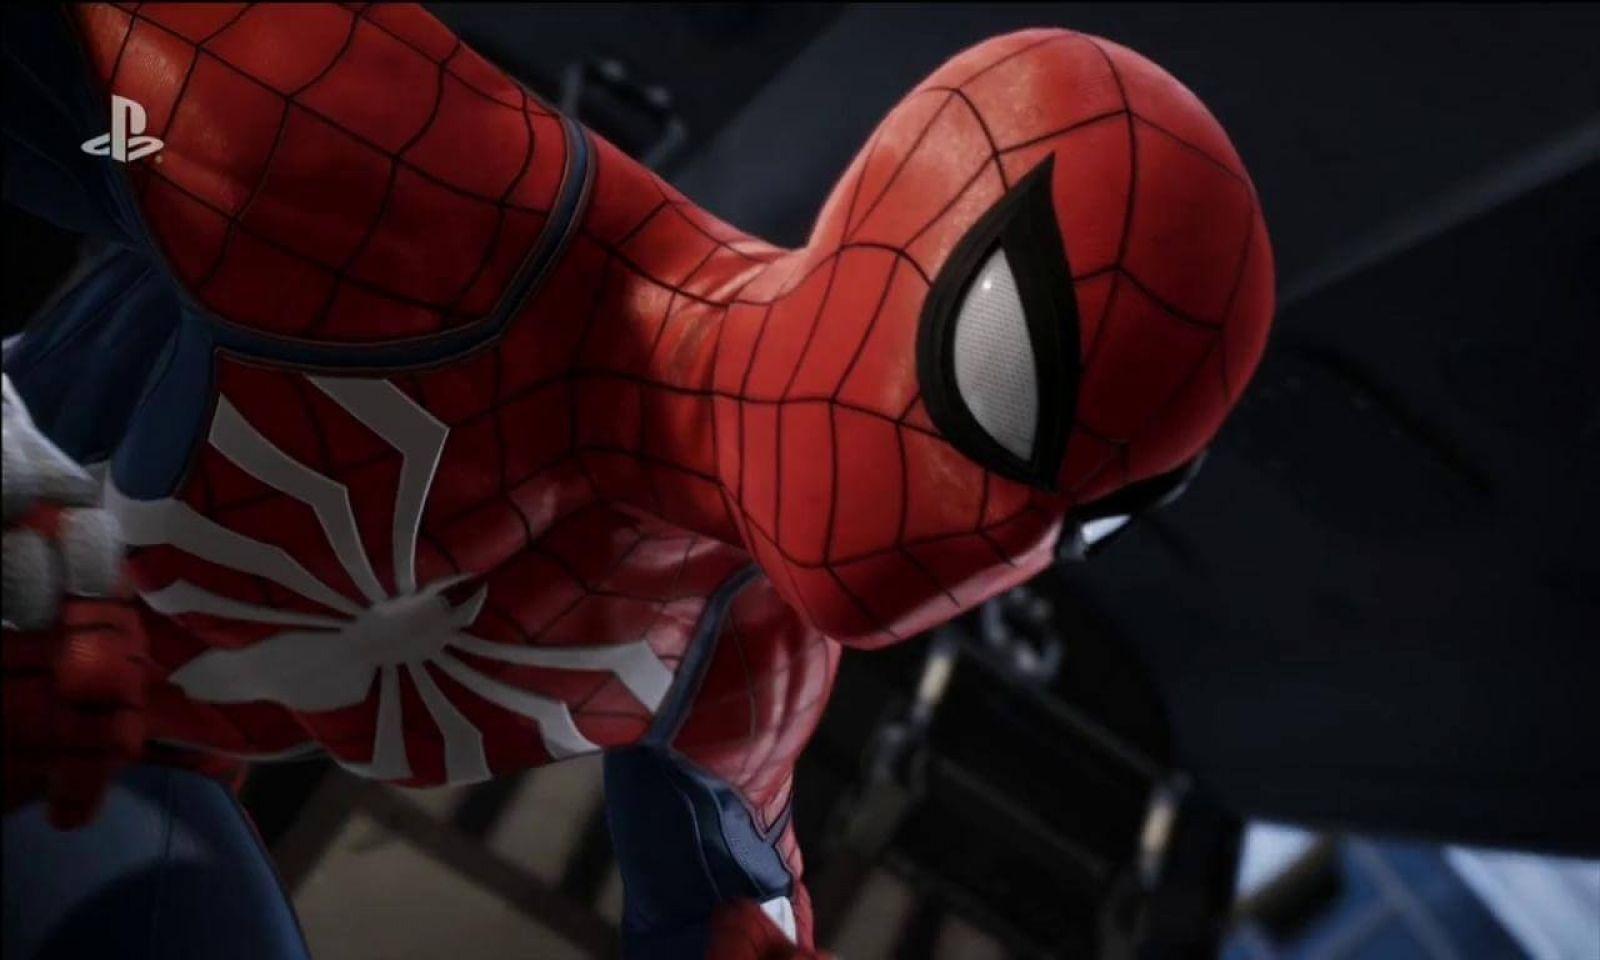 Spider Man Oyunu Hakkinda Yeni Detaylar Paylasildi Haberler Indir Com Orumcek Adam Oyun Teknoloji